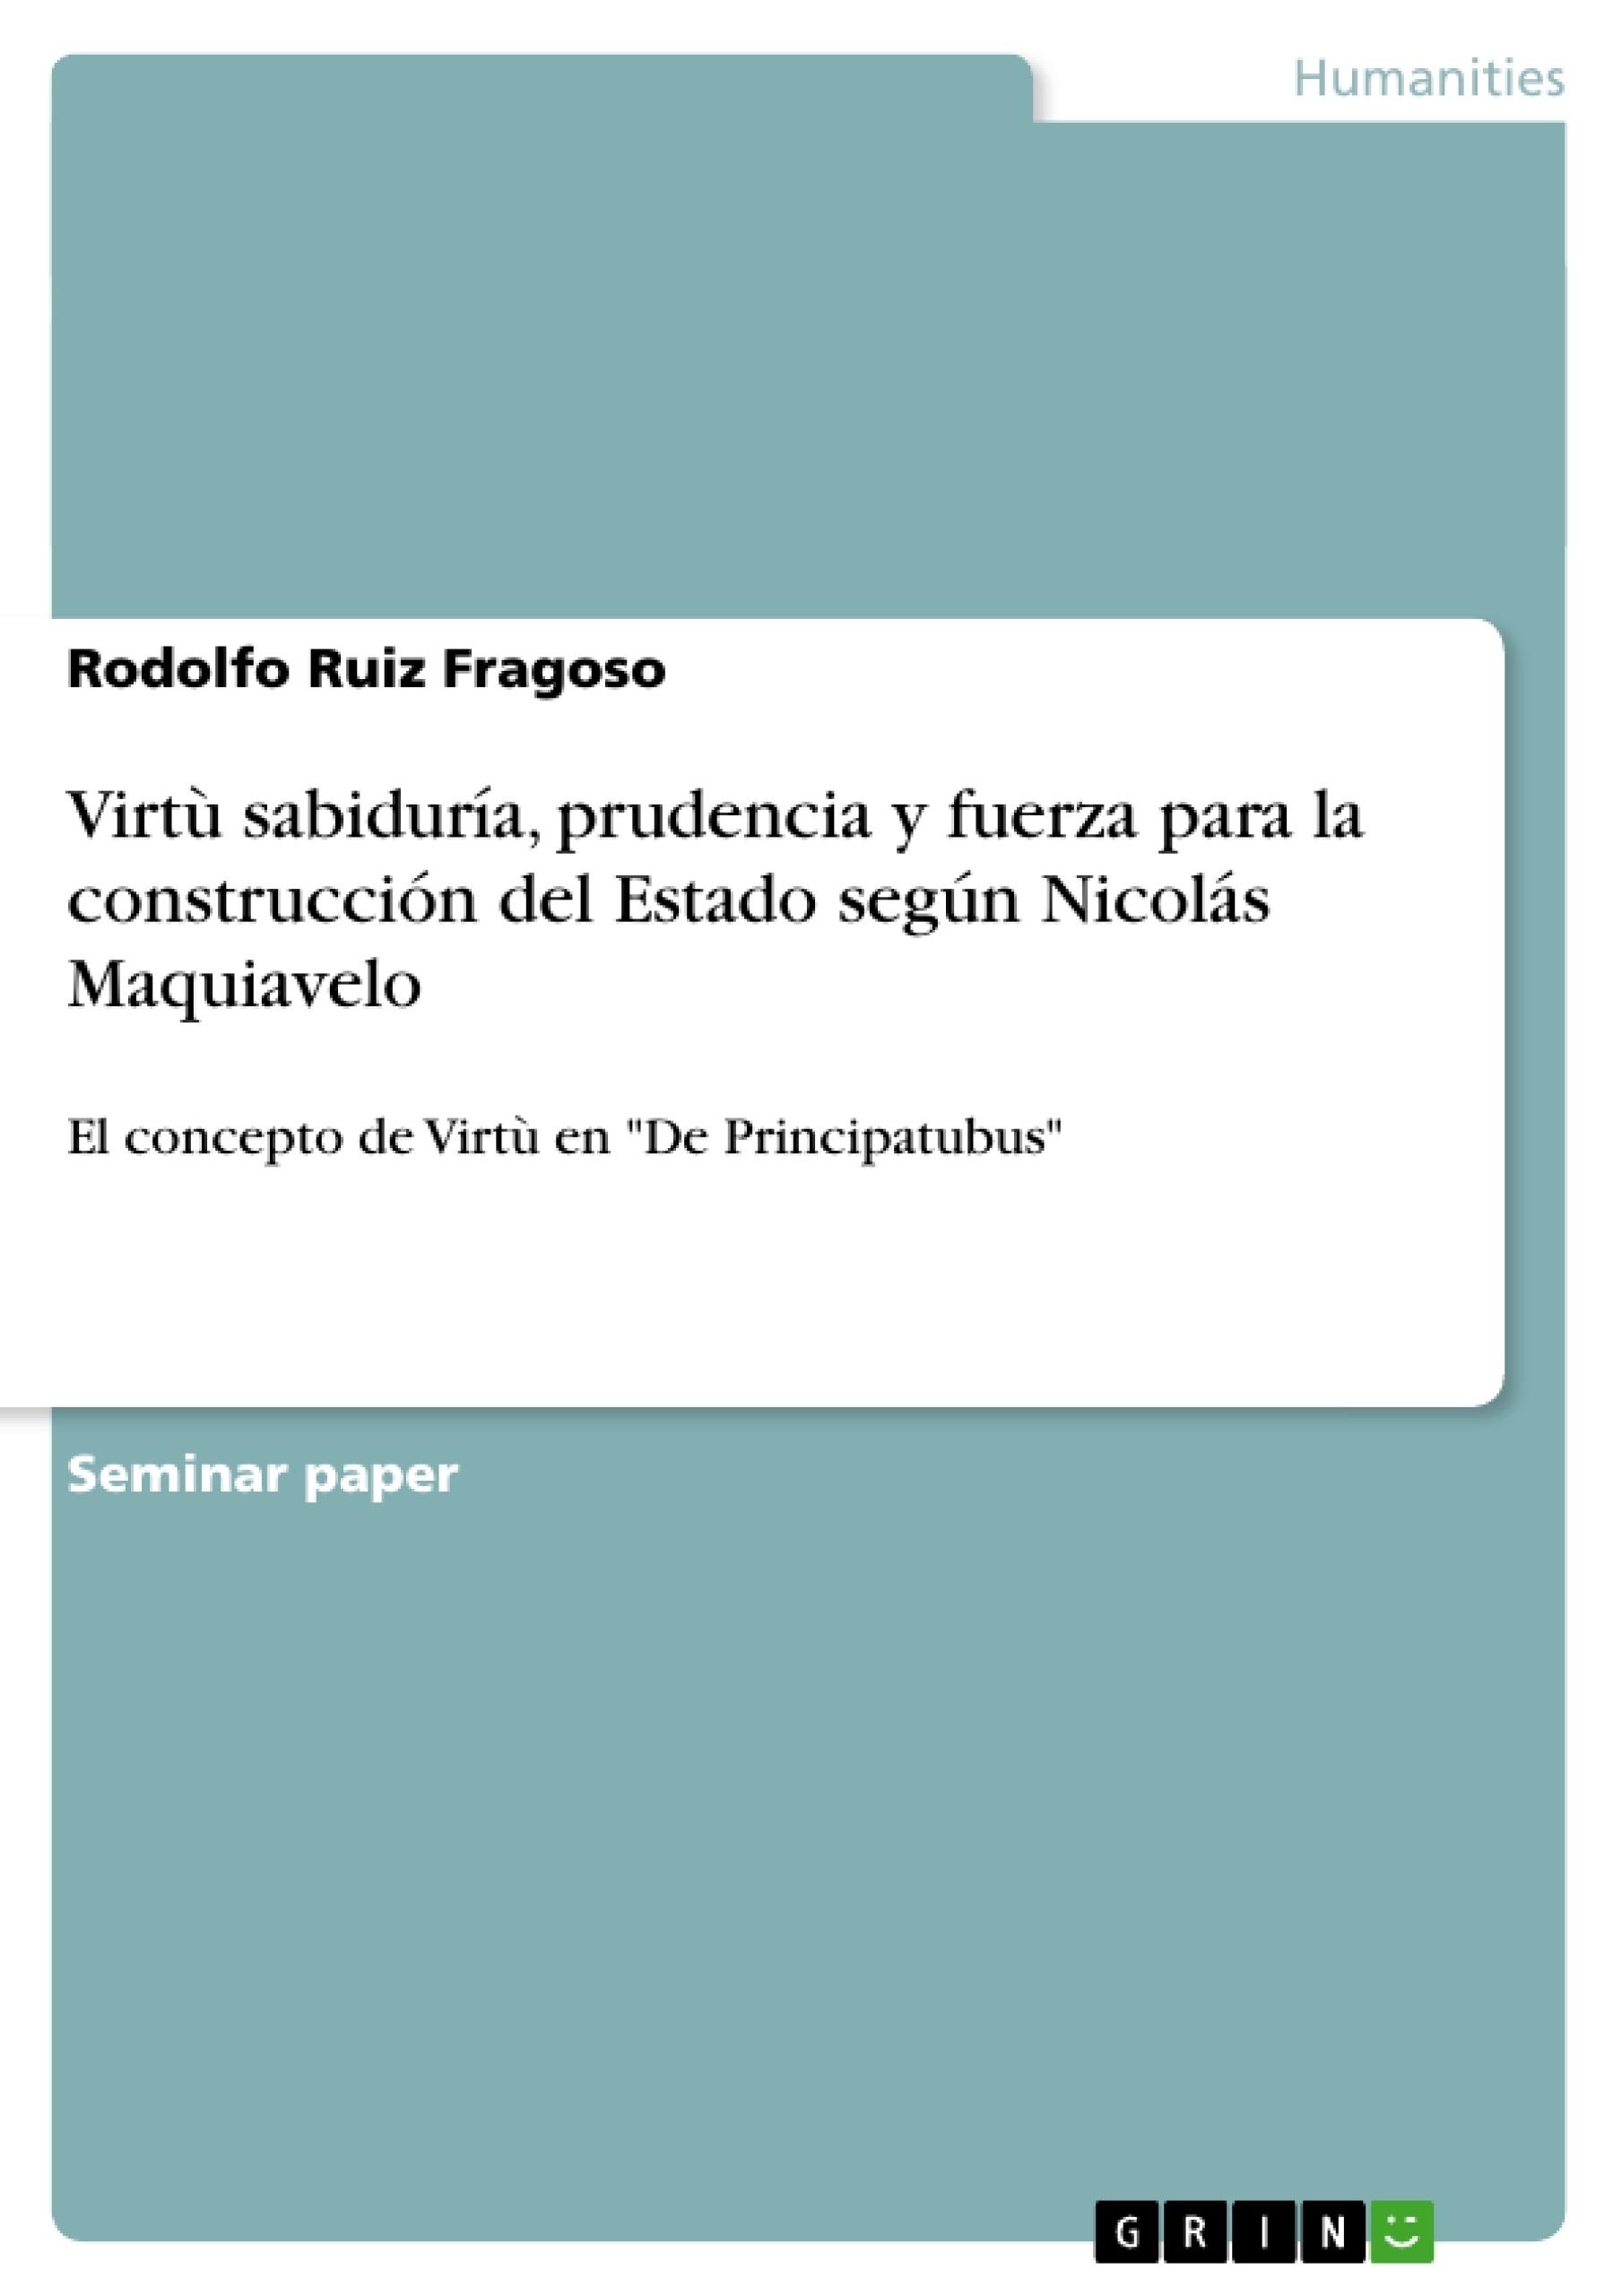 Título: Virtù sabiduría, prudencia y fuerza para la construcción del Estado según Nicolás Maquiavelo